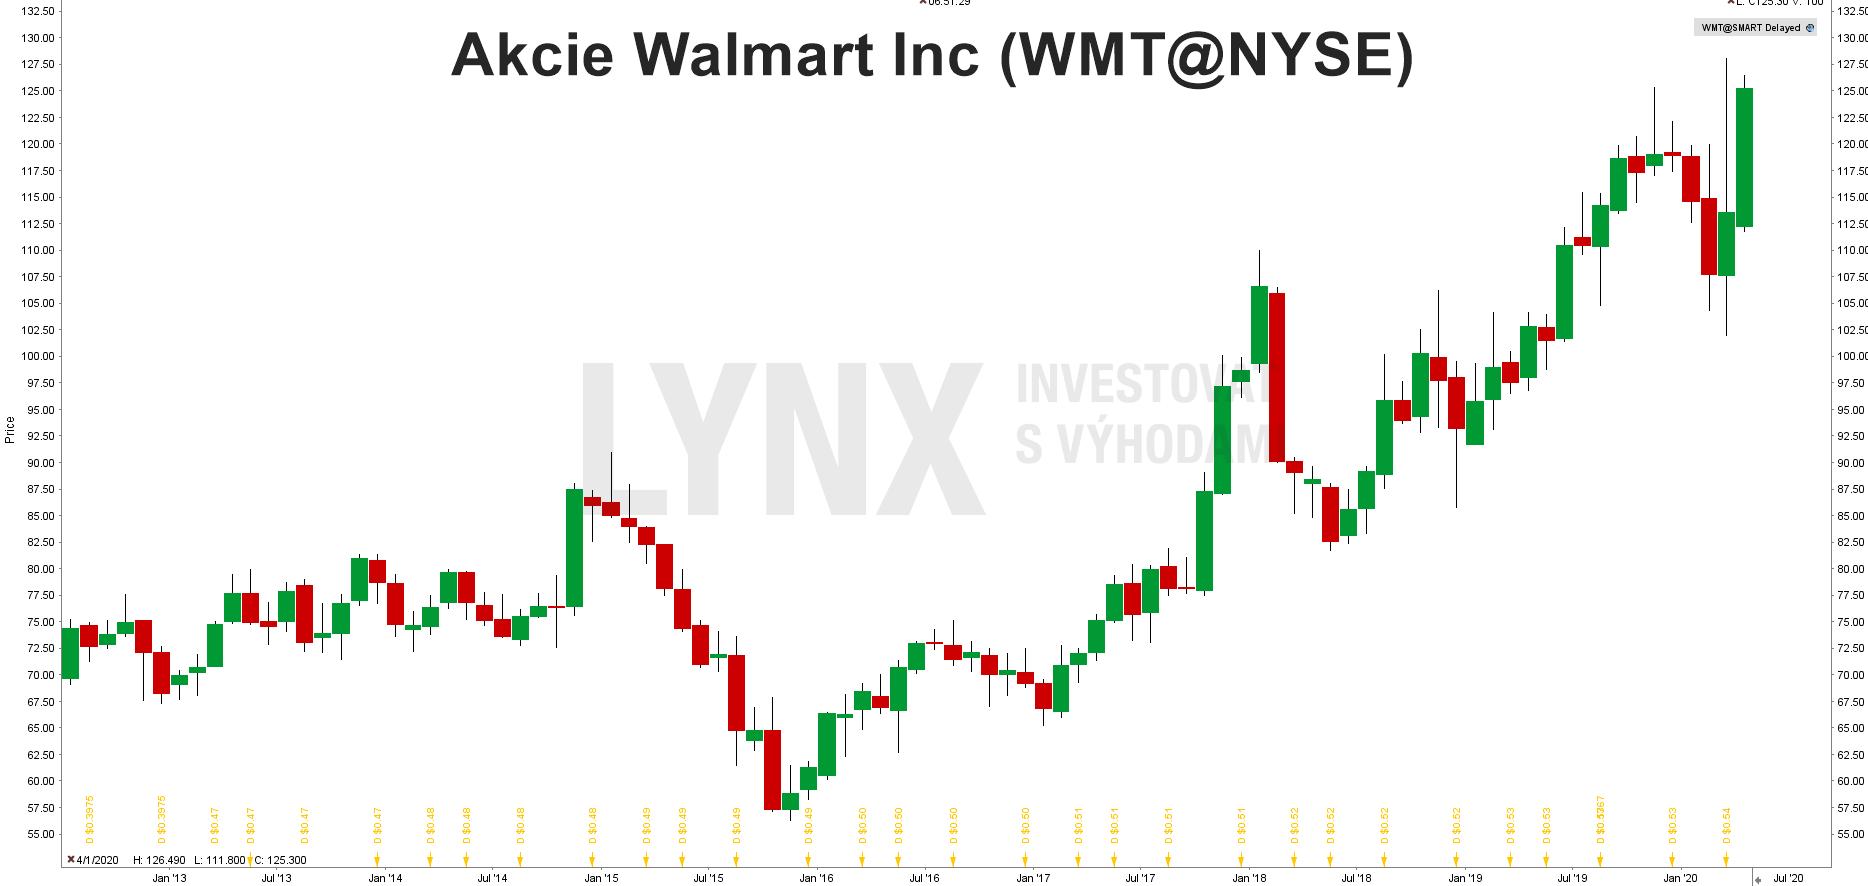 Graf akcie Walmart (WMT)